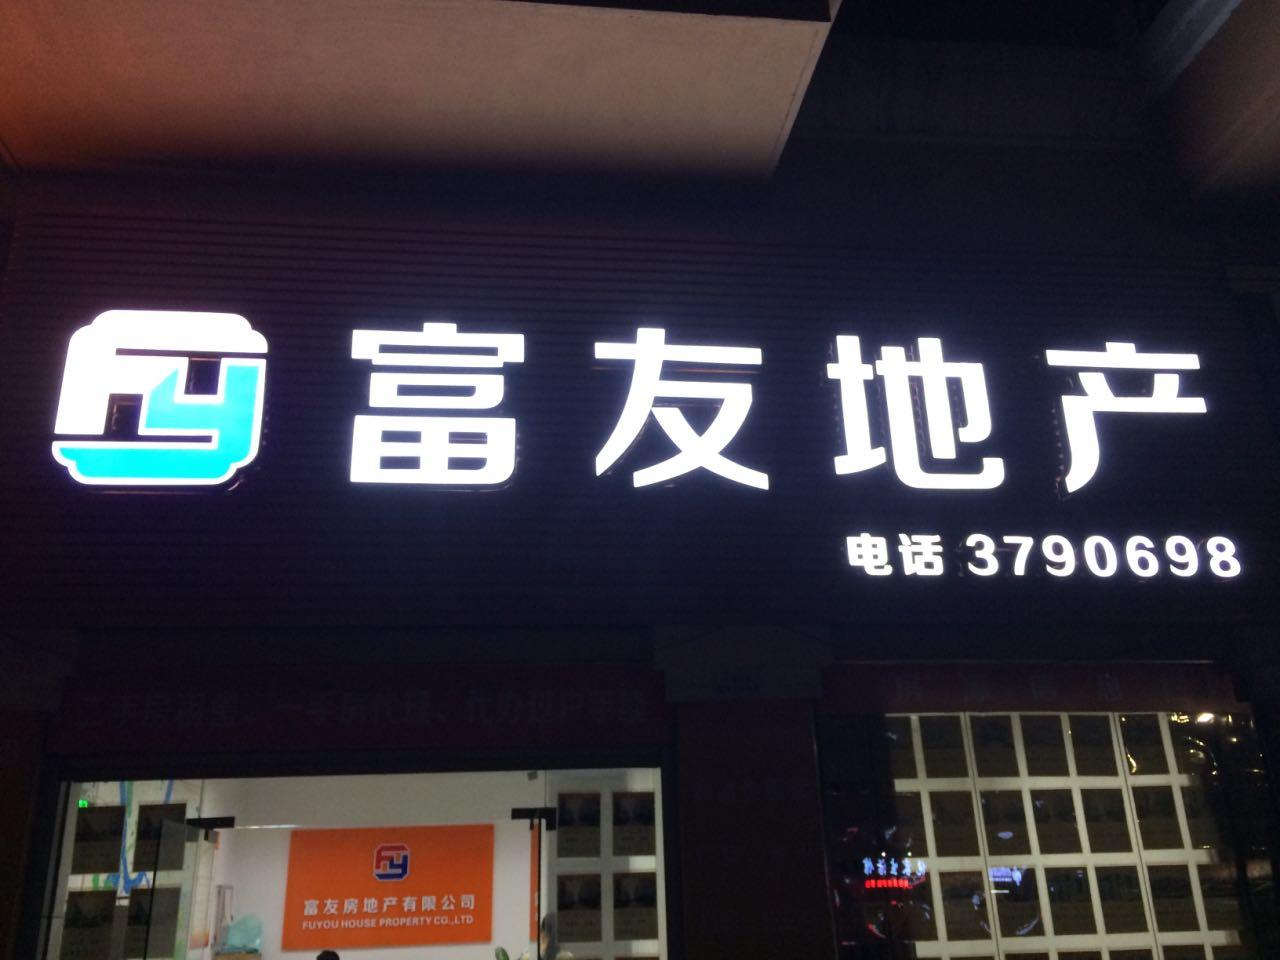 来自曾**发布的招商投资信息:广招投资炒楼盘客户!... - 惠州市富友房地产经纪有限公司